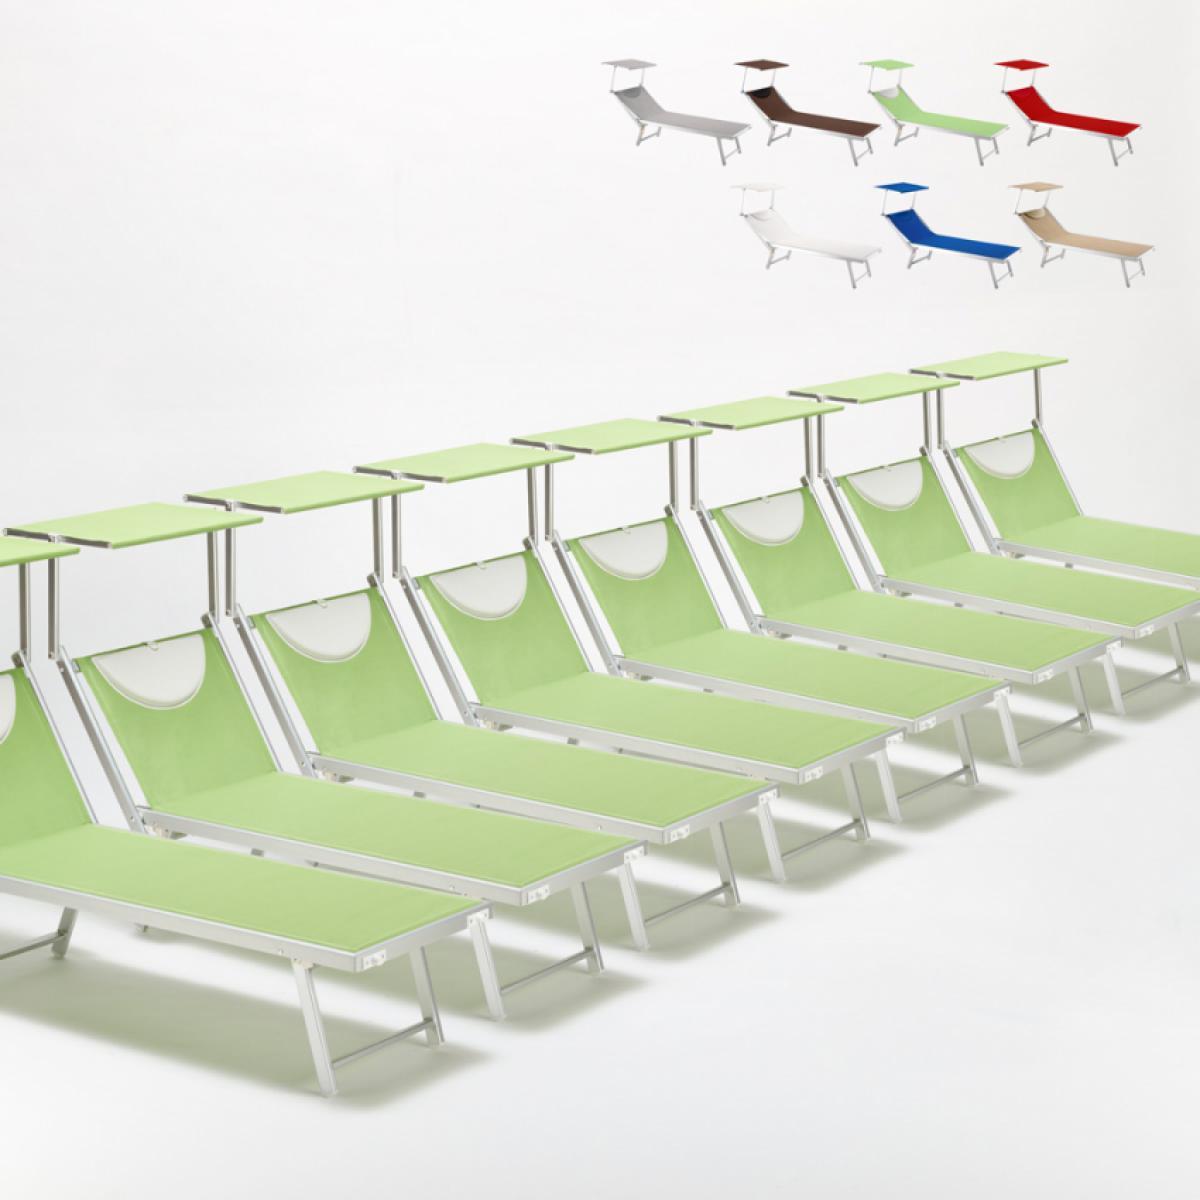 Beach And Garden Design Bain de soleil chaises longue transats Lits de plage piscine aluminium jardin Santorini 20 pcs, Couleur: Vert